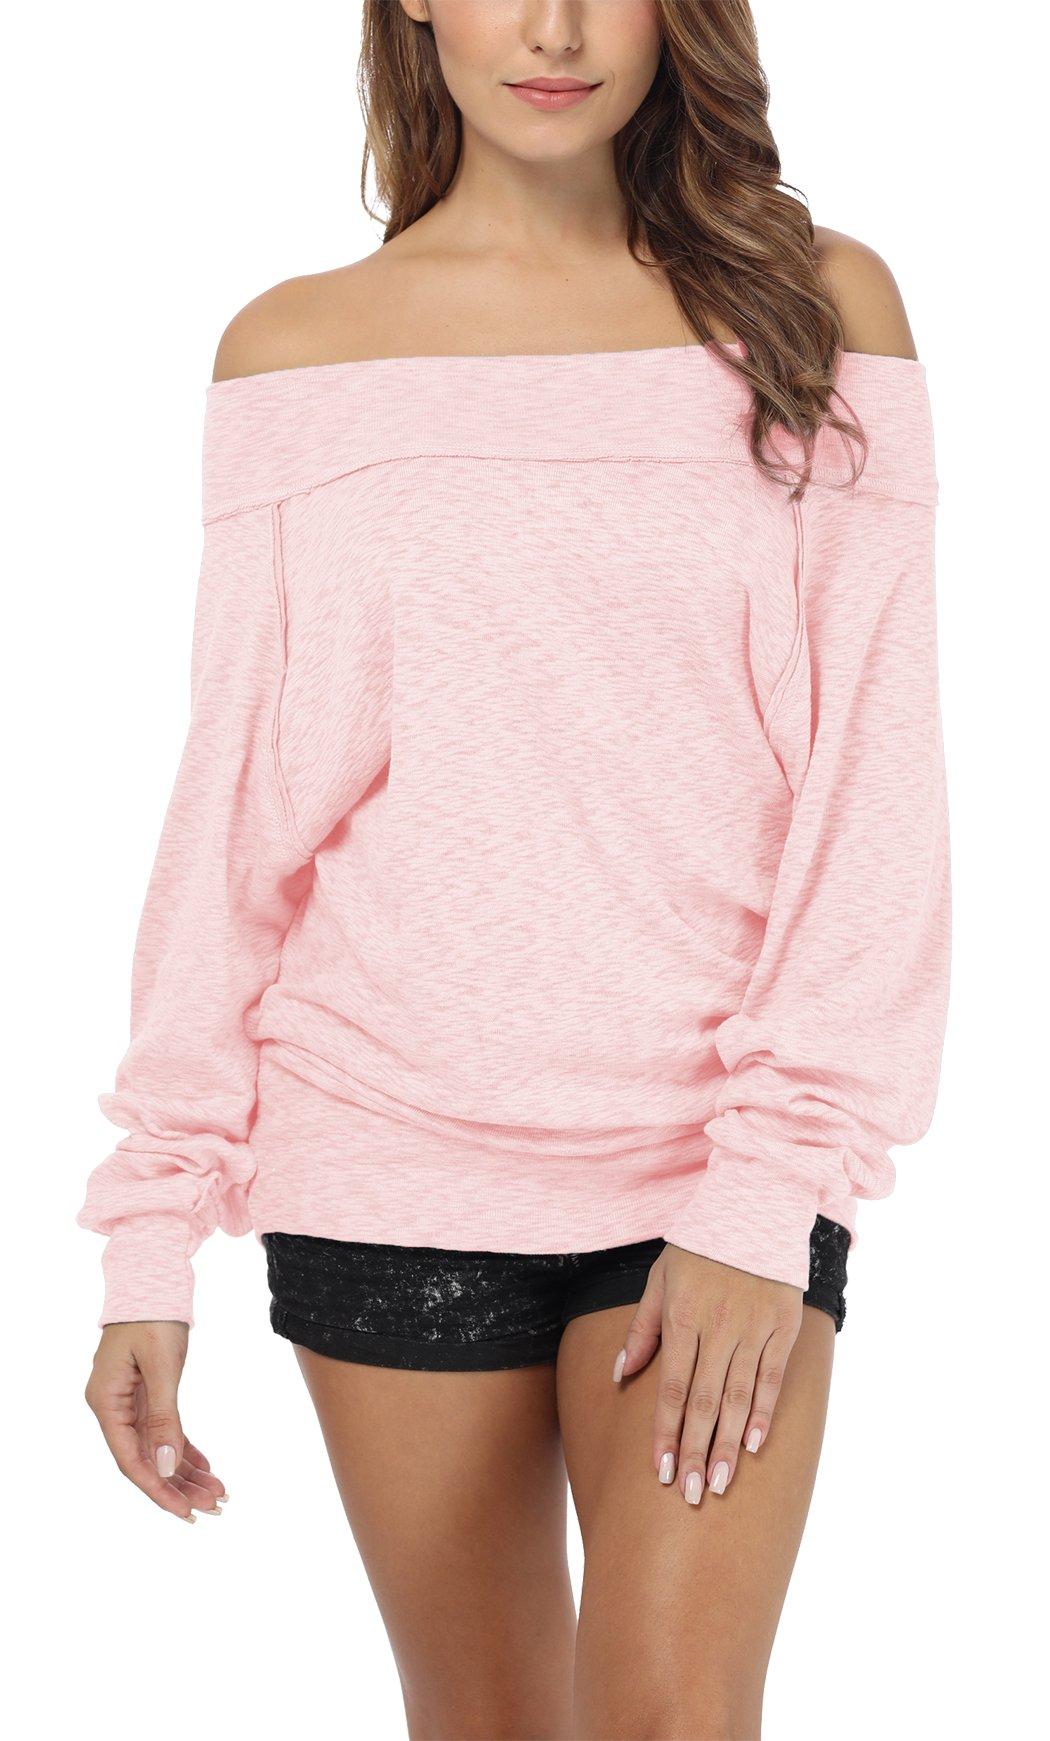 iGENJUN Women's Dolman Sleeve Off The Shoulder Sweater Shirt Tops,Pink,XL